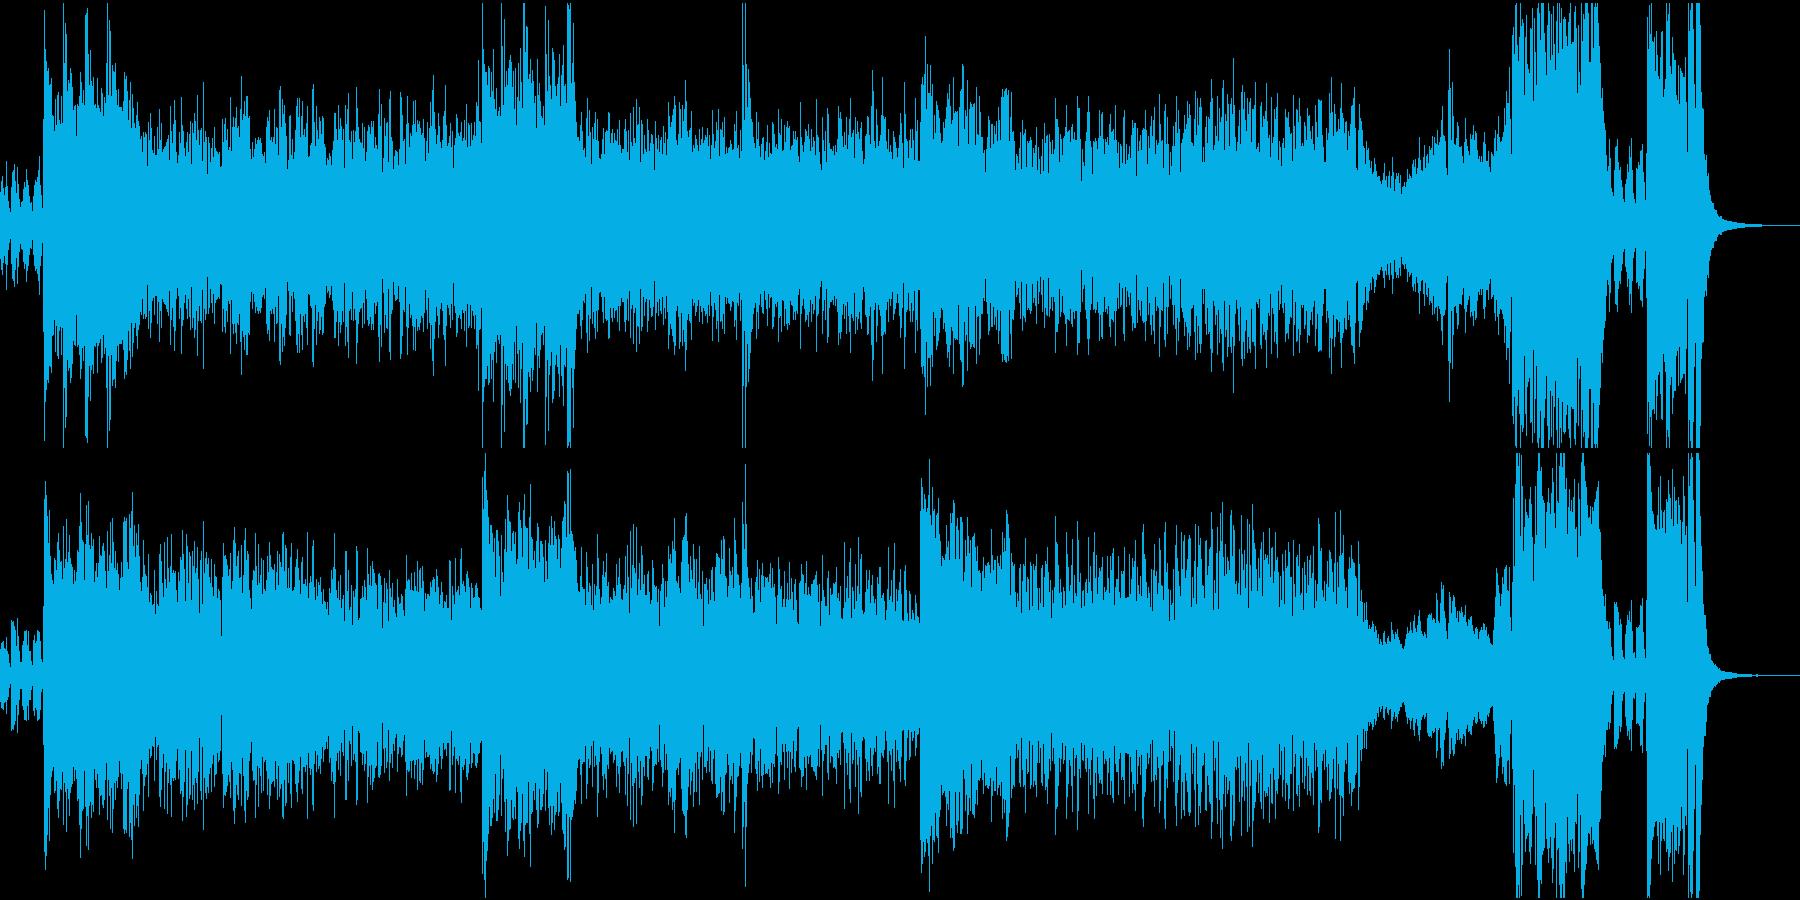 ワクワクしてくるサーカス団の曲の再生済みの波形